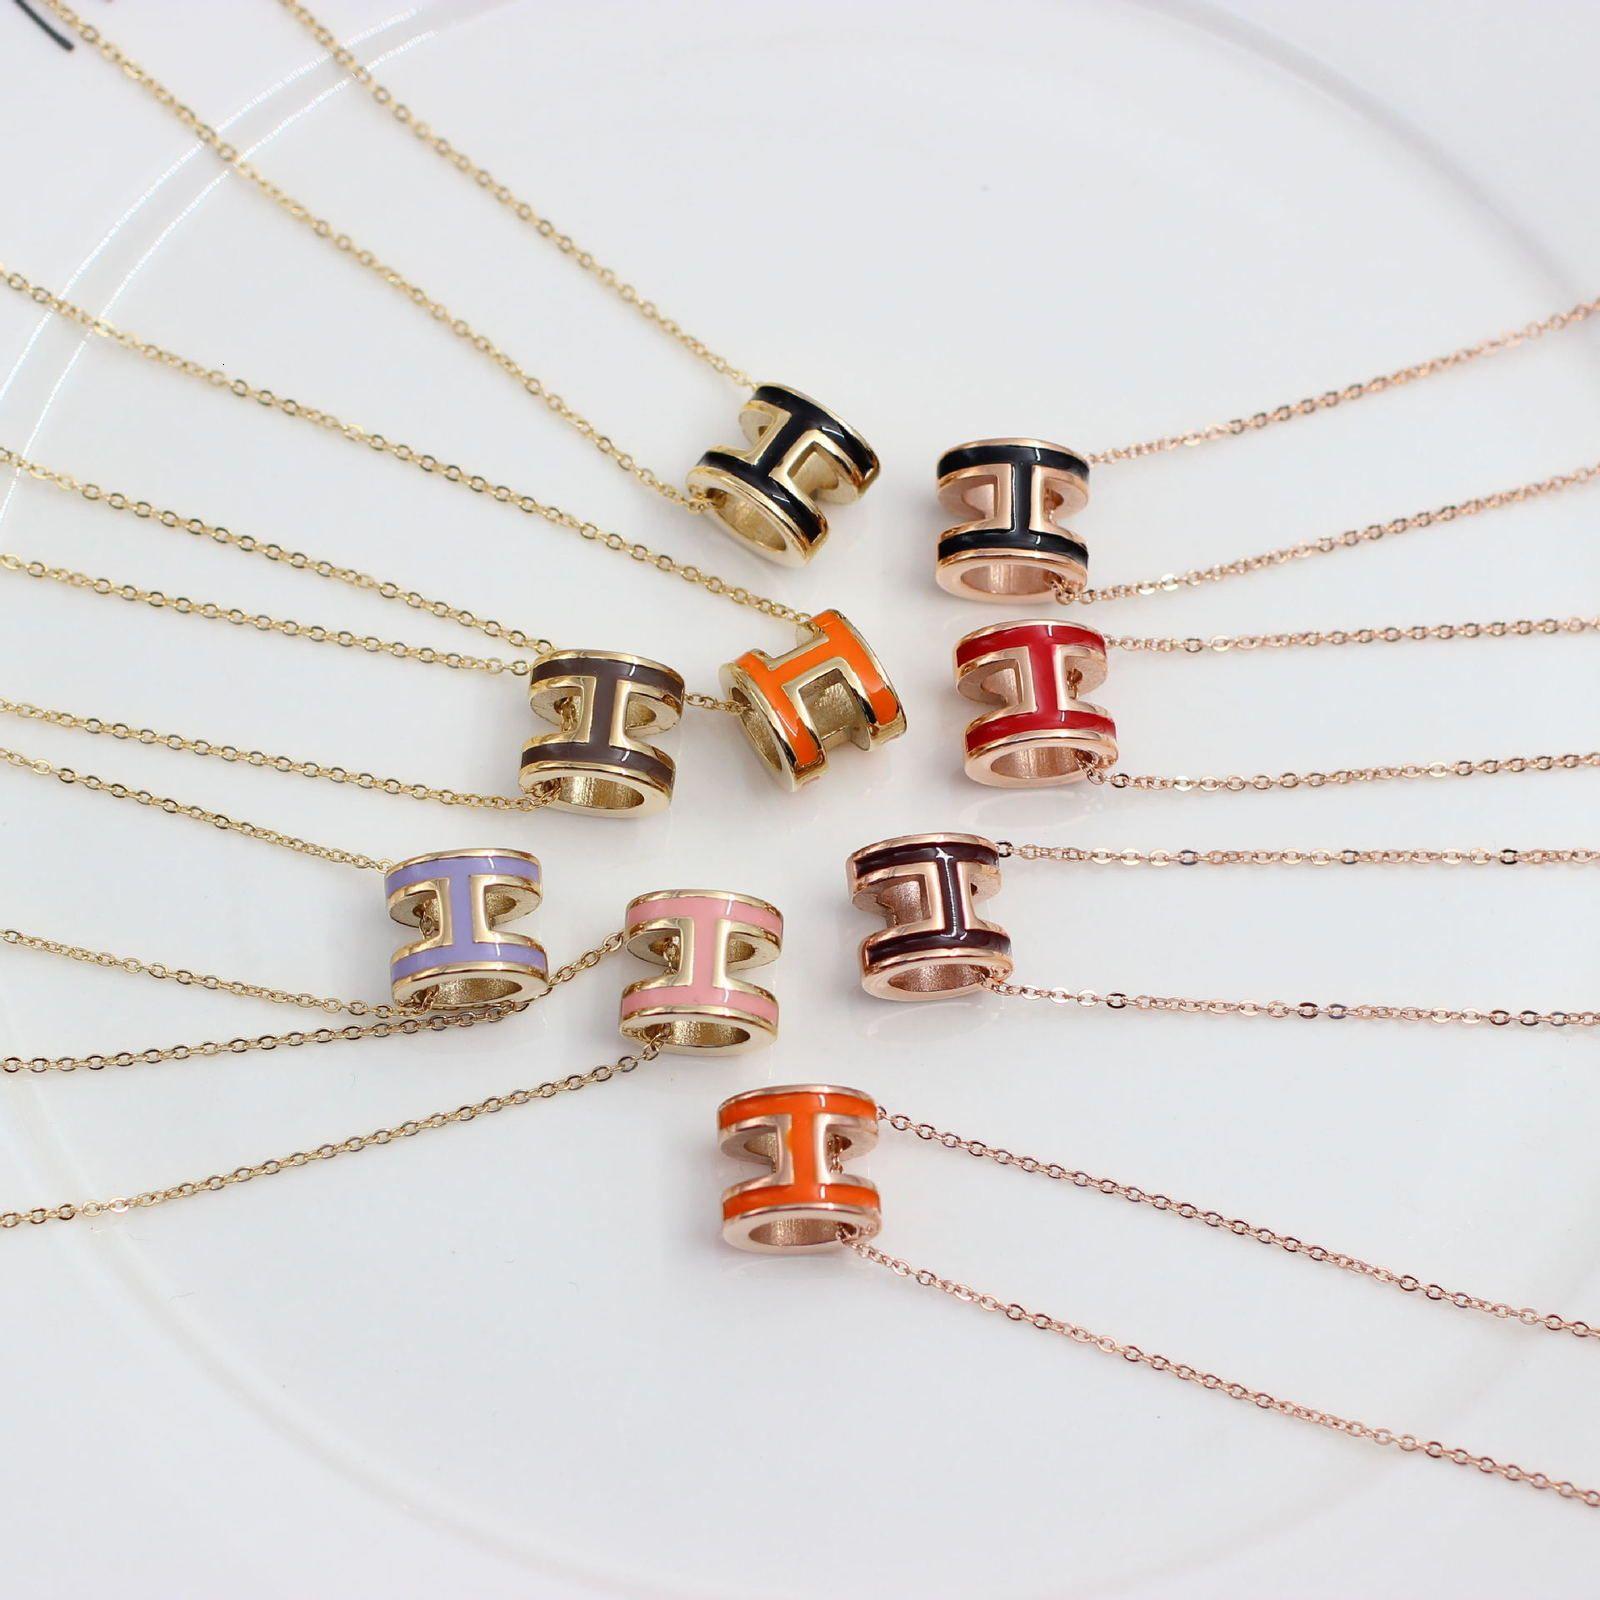 Nuevo estilo de moda h letra de acero de titanio de titanio joyería